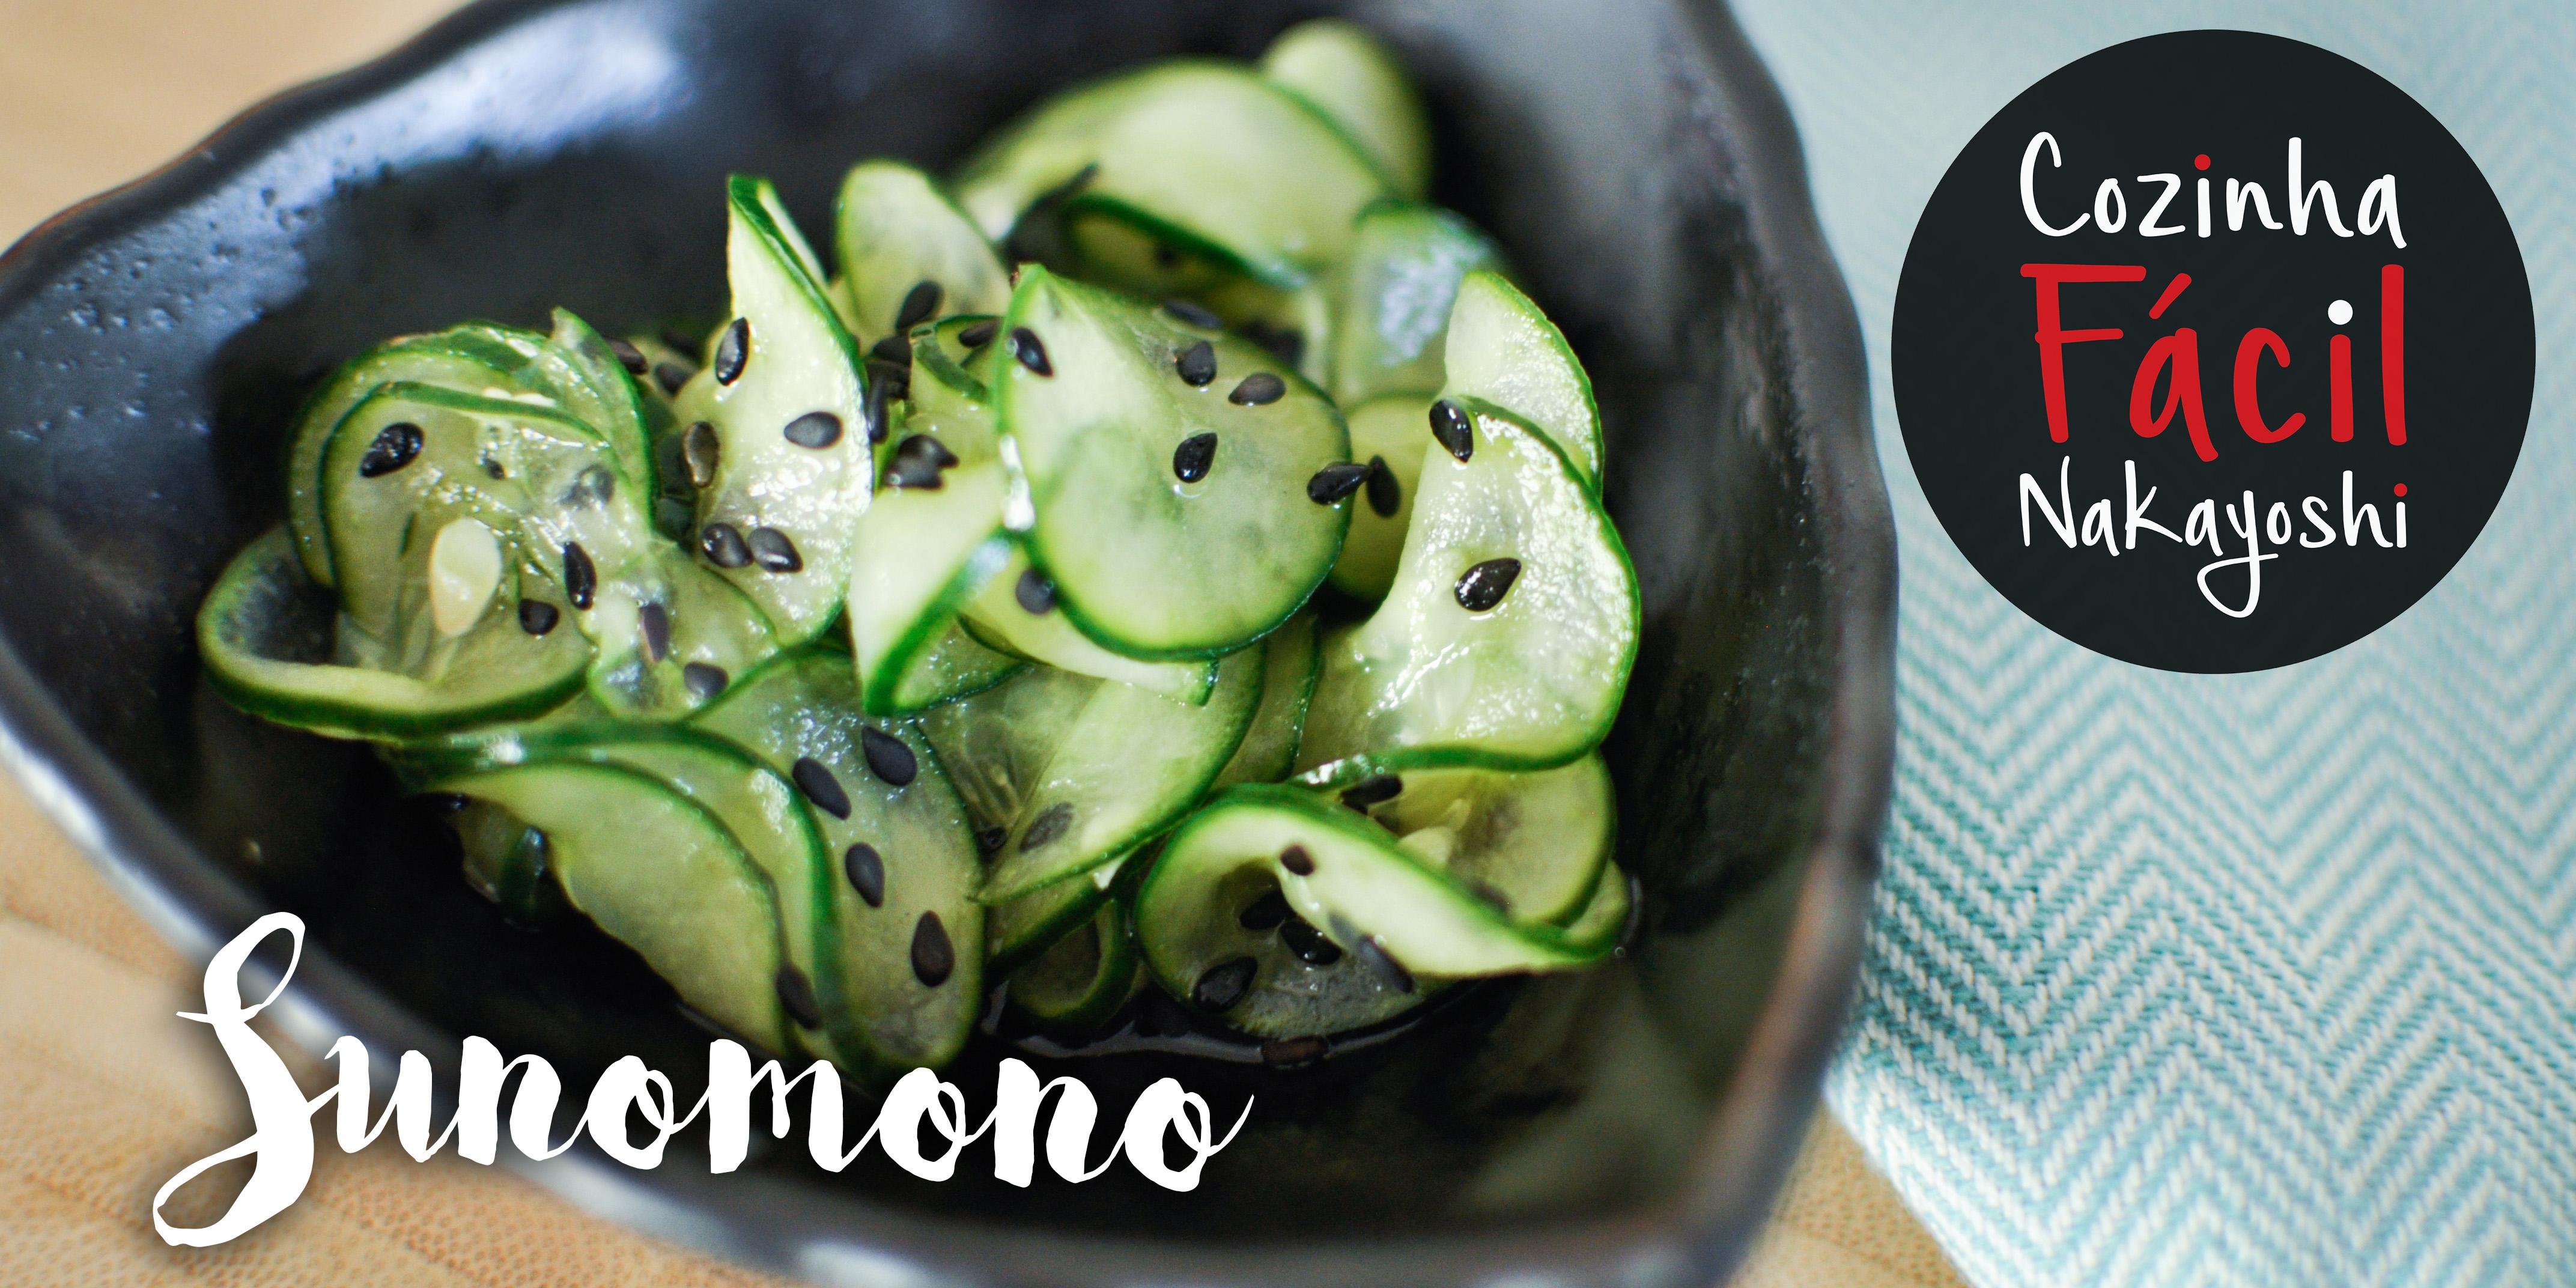 Sunomono {Salada de Pepino} | Cozinha Fácil Nakayoshi #30